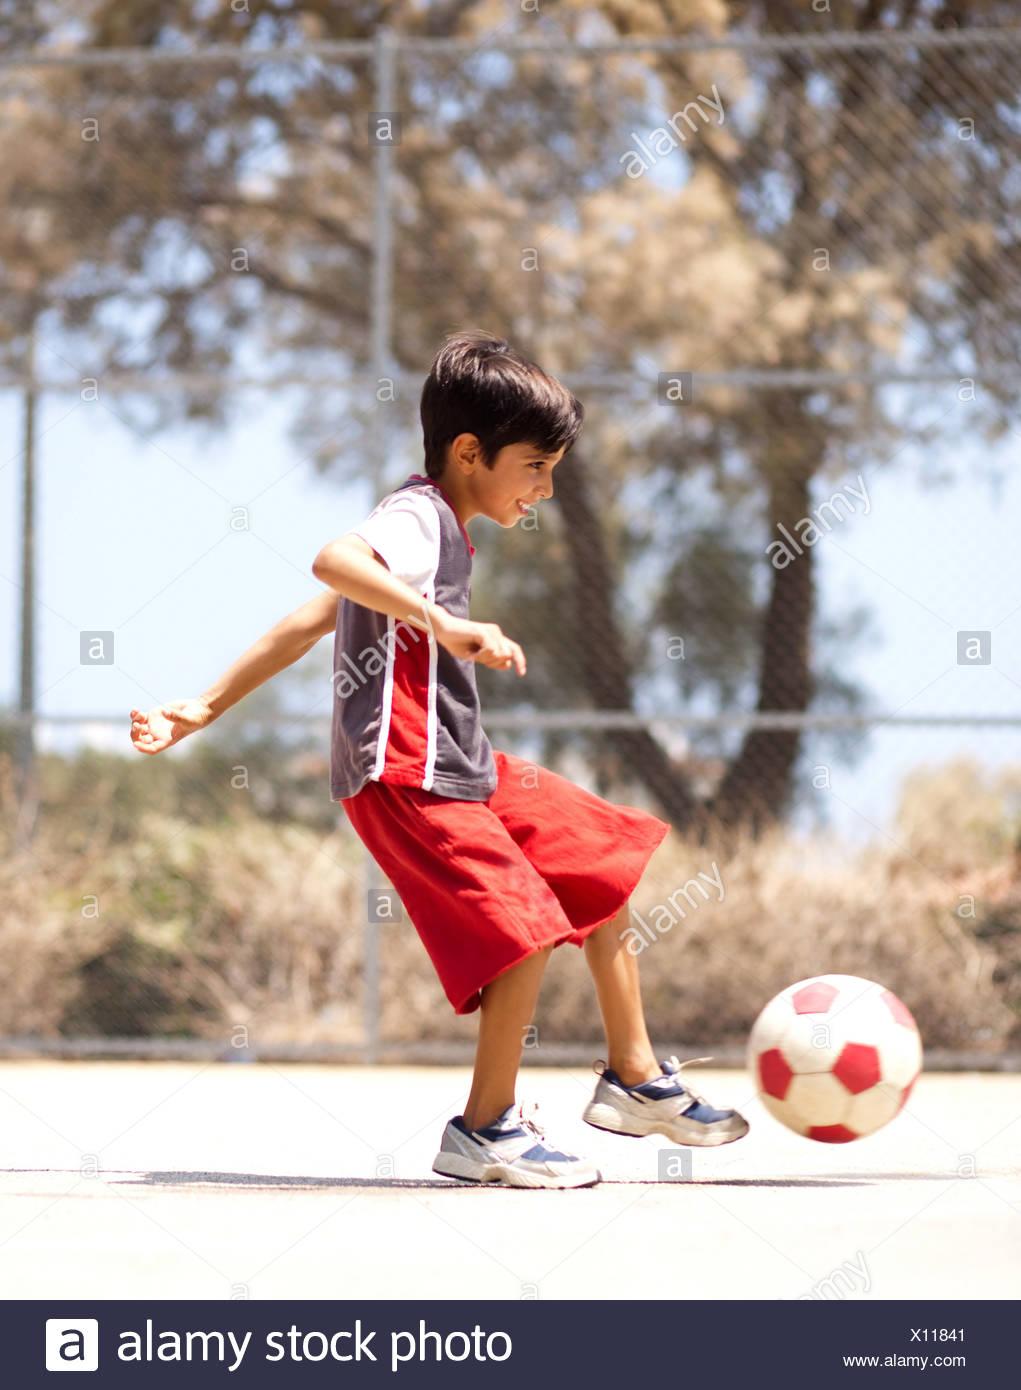 Young kid in Aktion Fußball, im Freien zu genießen Stockbild